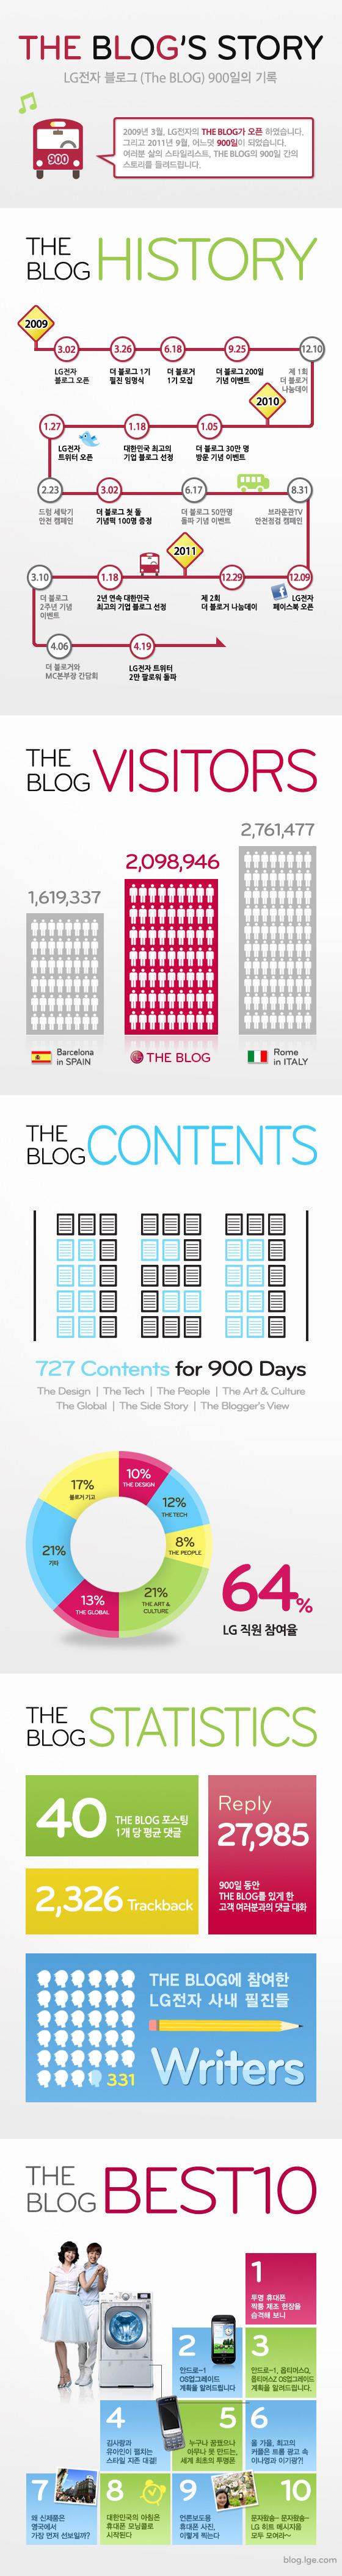 2009년 오픈한 LG전자의 THE BLOG가 900일을 맞아 그 간의 기록들을 인포그래픽으로 설명하고 있다. 인포그래픽에는 200만명이 넘는 방문자 수, 727개의 콘텐츠, 64%의 직원 참여율 등 THE BLOG의 관한 다양한 통계치를 포함하고 있다.